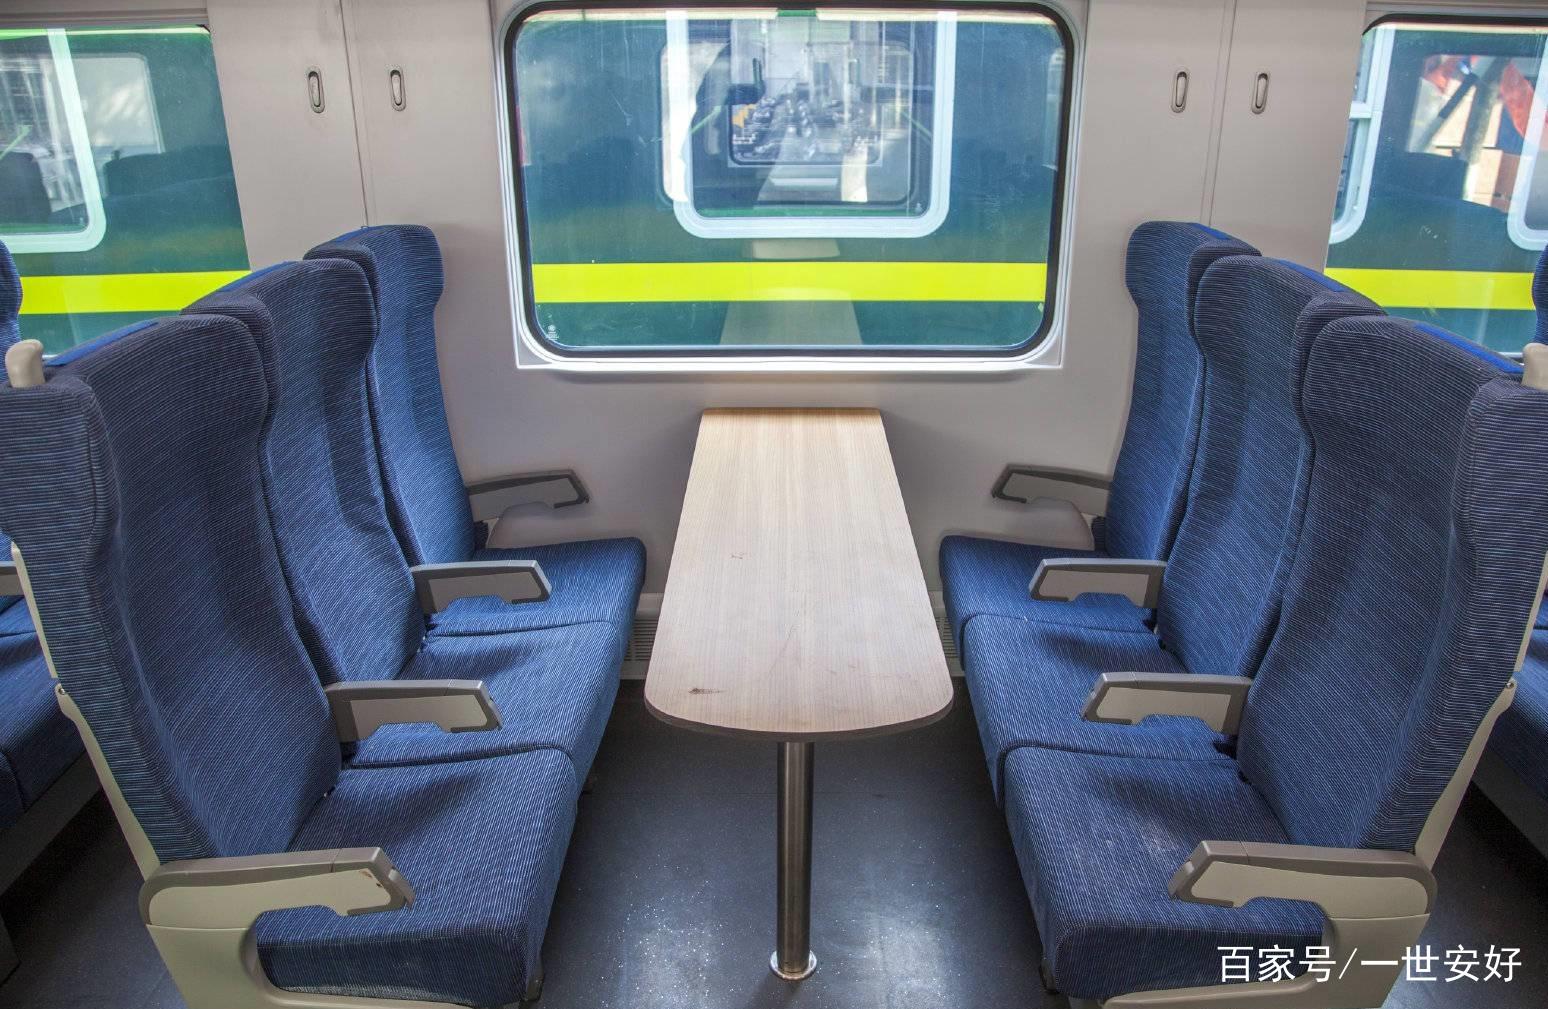 动车二等座有桌子吗_cr200j动力集中型复兴号动车组3人座位安排,对面坐,小圆弧桌子,充分